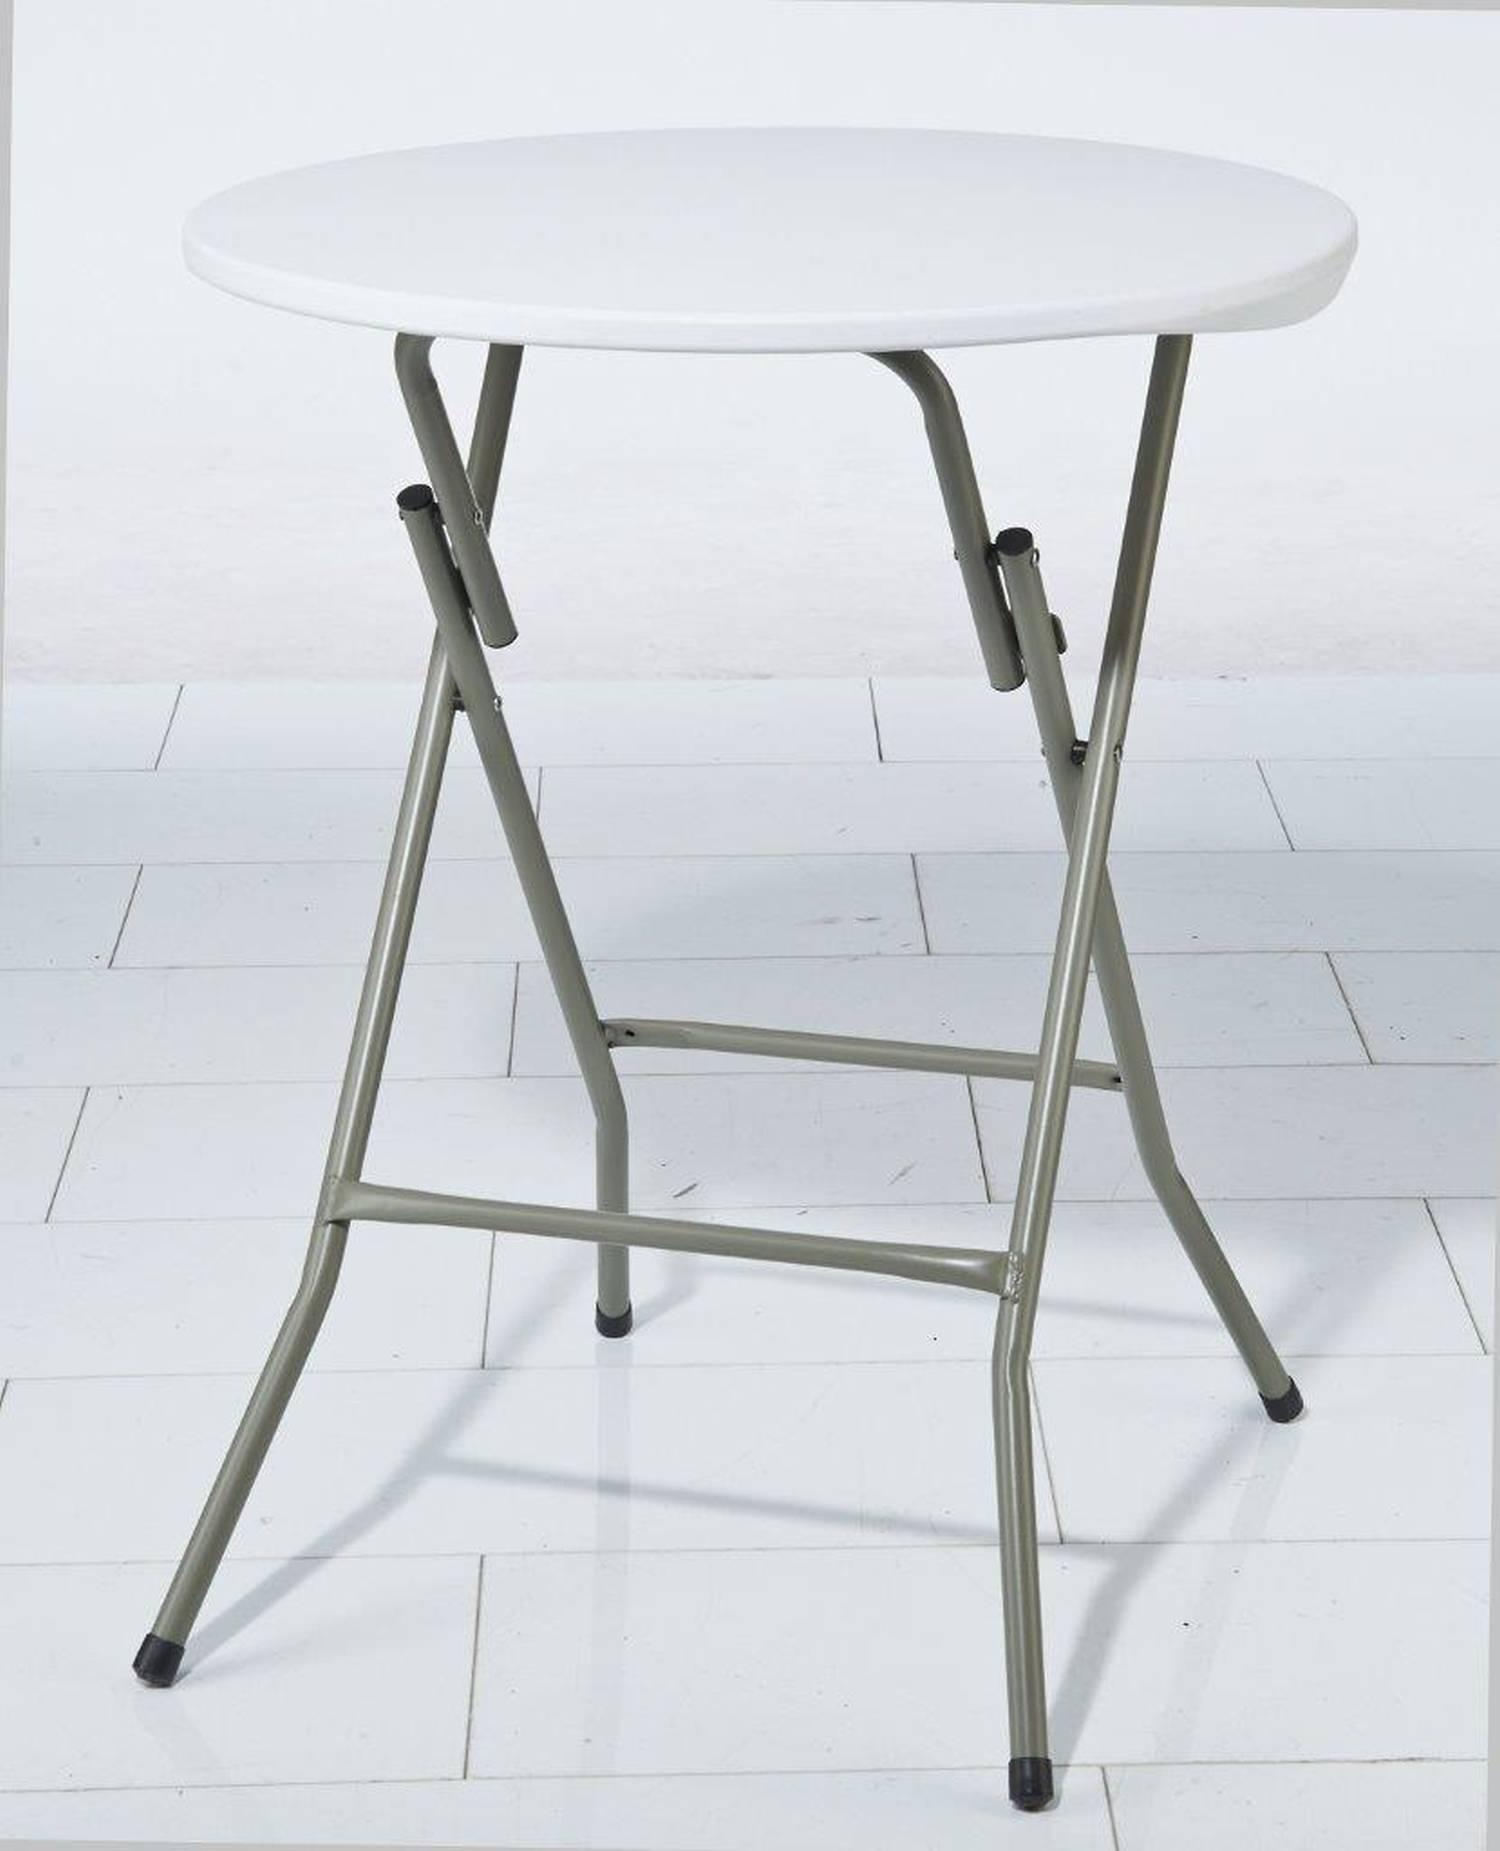 klapp tisch beistelltisch kunststoff 61cm rund weiss neu gastro. Black Bedroom Furniture Sets. Home Design Ideas